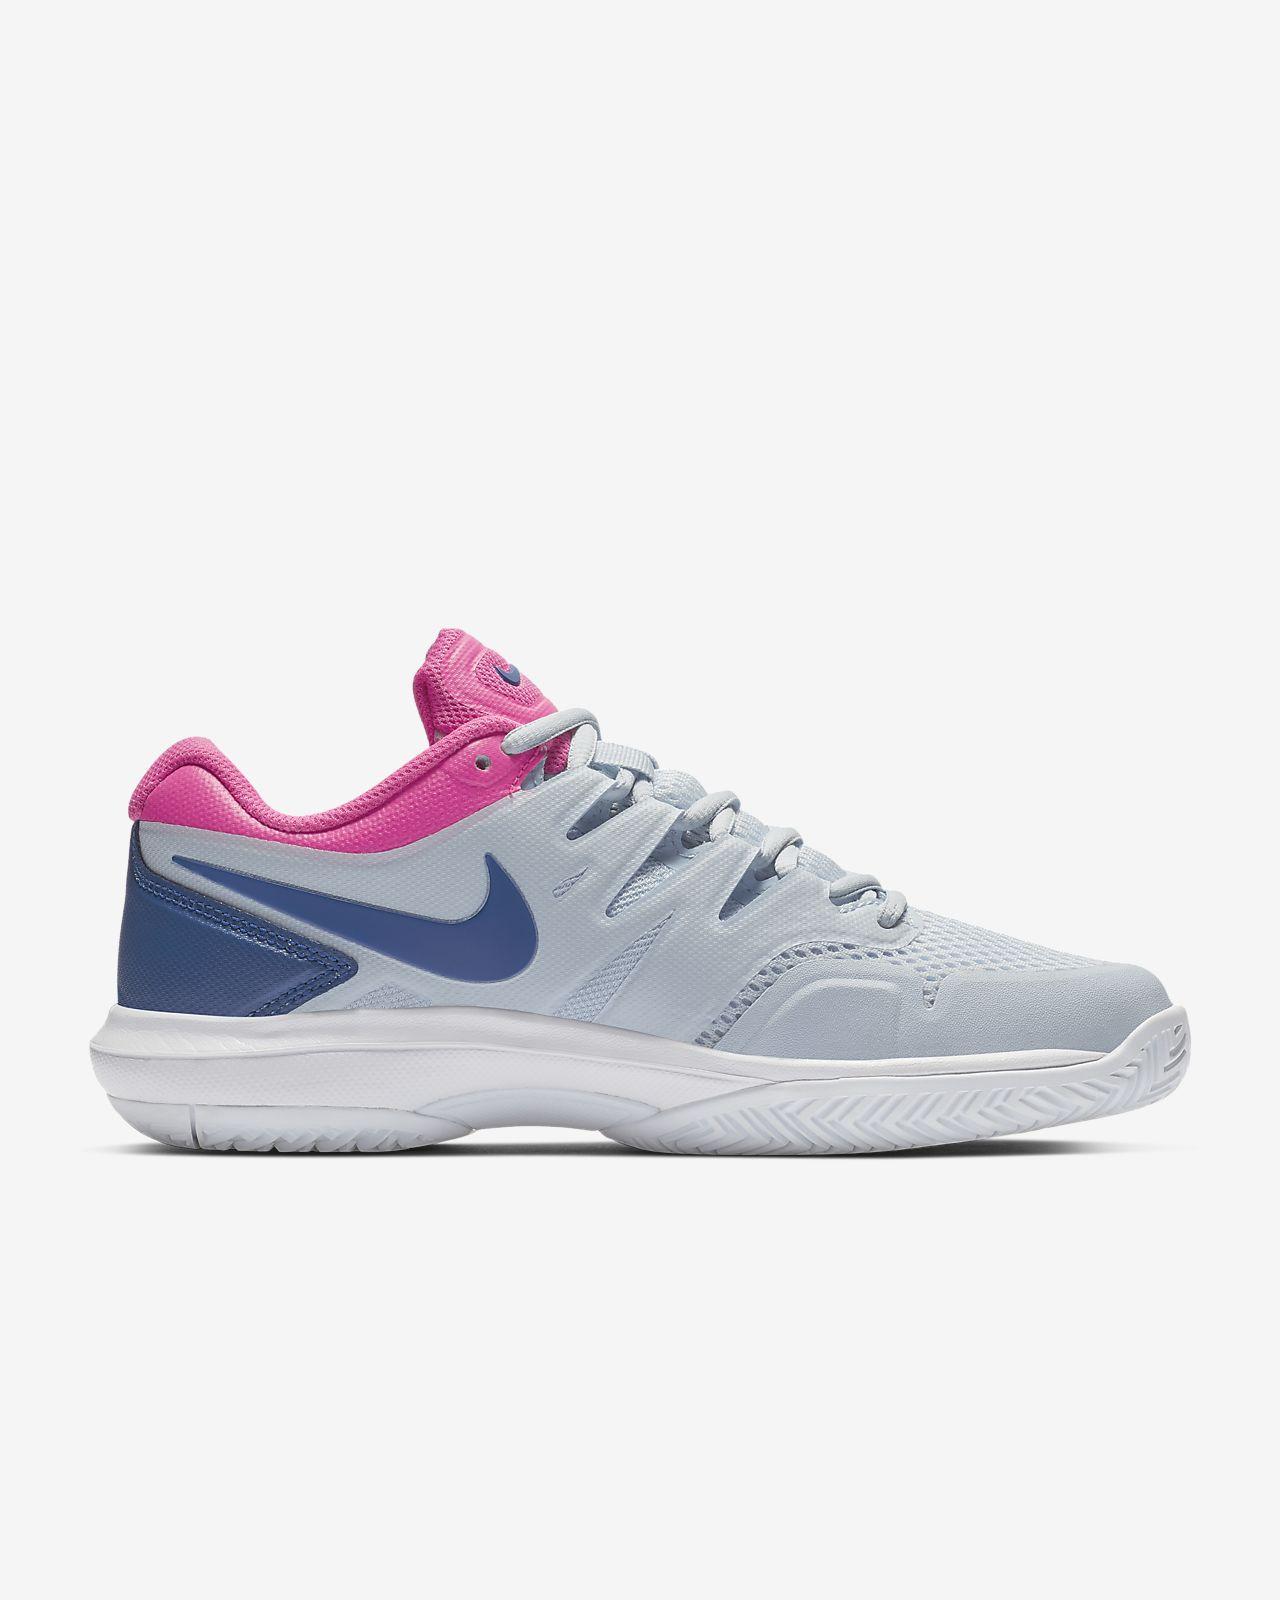 54bb88b74f3c2 ... NikeCourt Air Zoom Prestige Zapatillas de tenis de pista rápida - Mujer